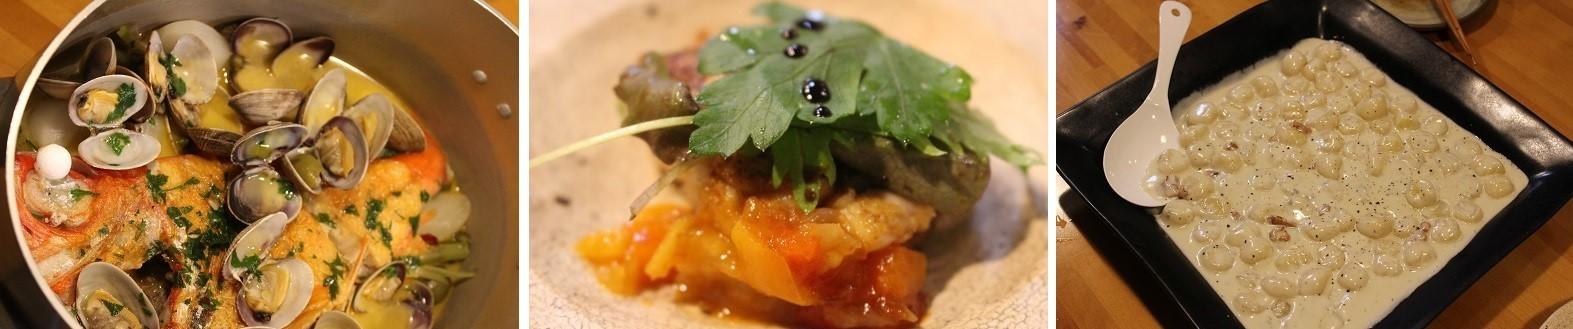 至福の時間。イタリアンレストランのシェフが拙宅で料理。_f0362073_15283300.jpg